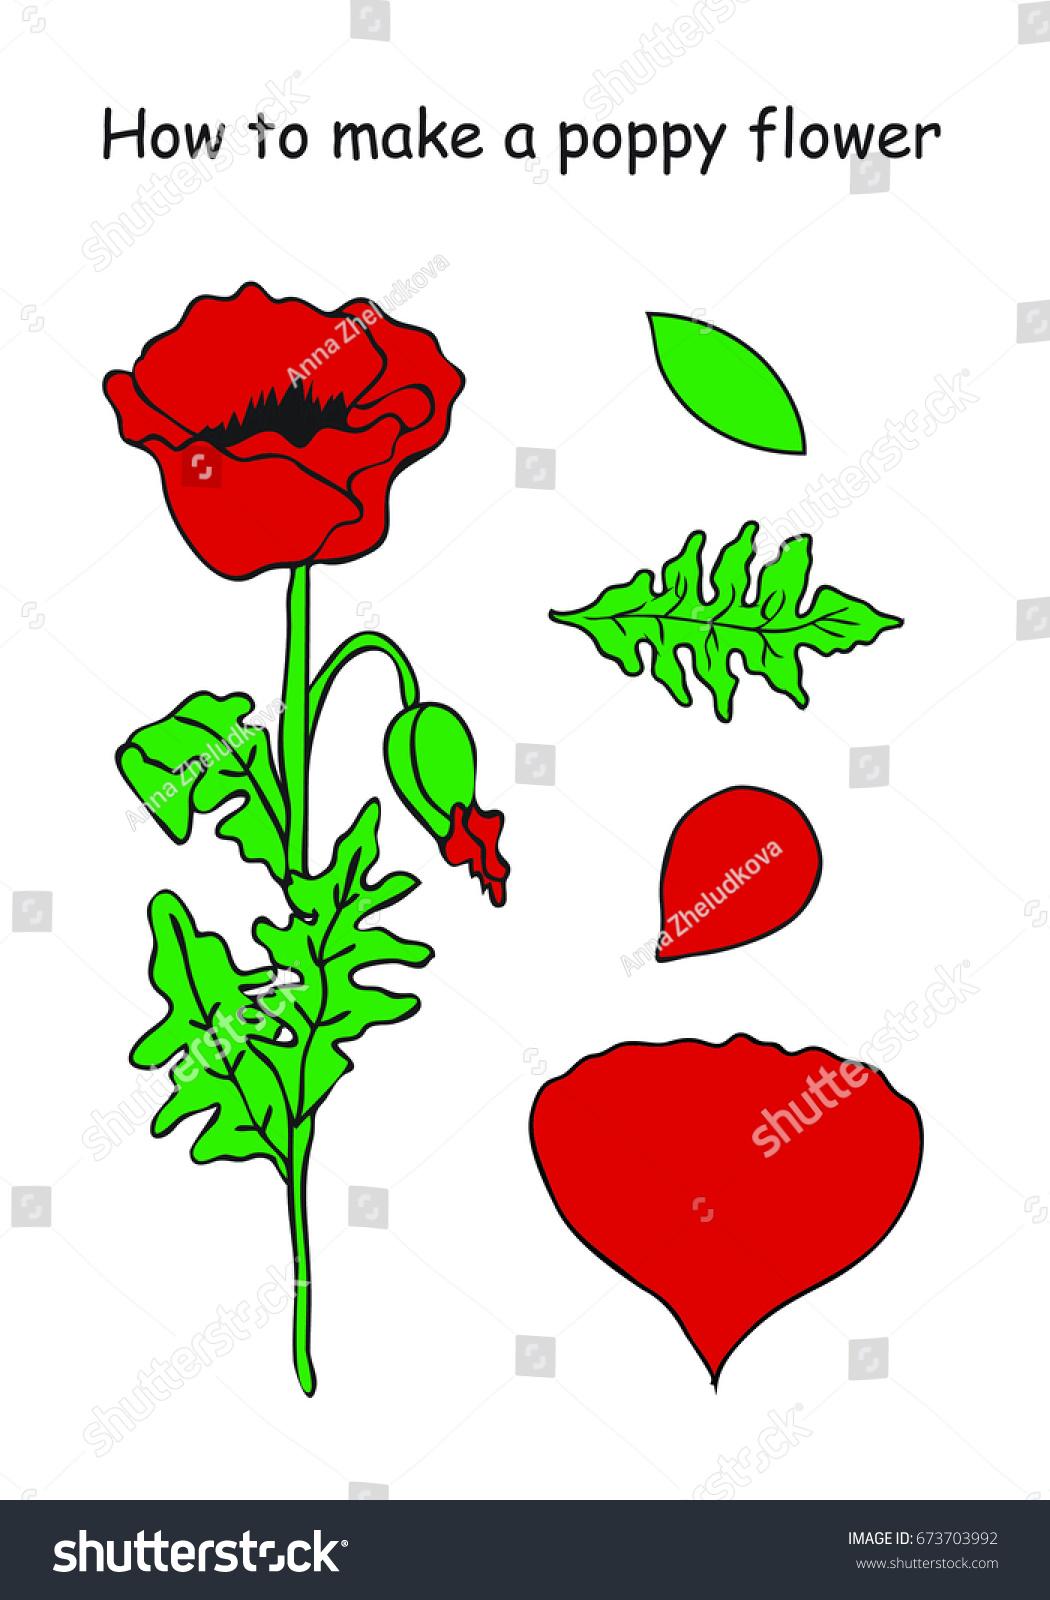 How Make Poppy Flower Outline Scheme Stock Vector 673703992